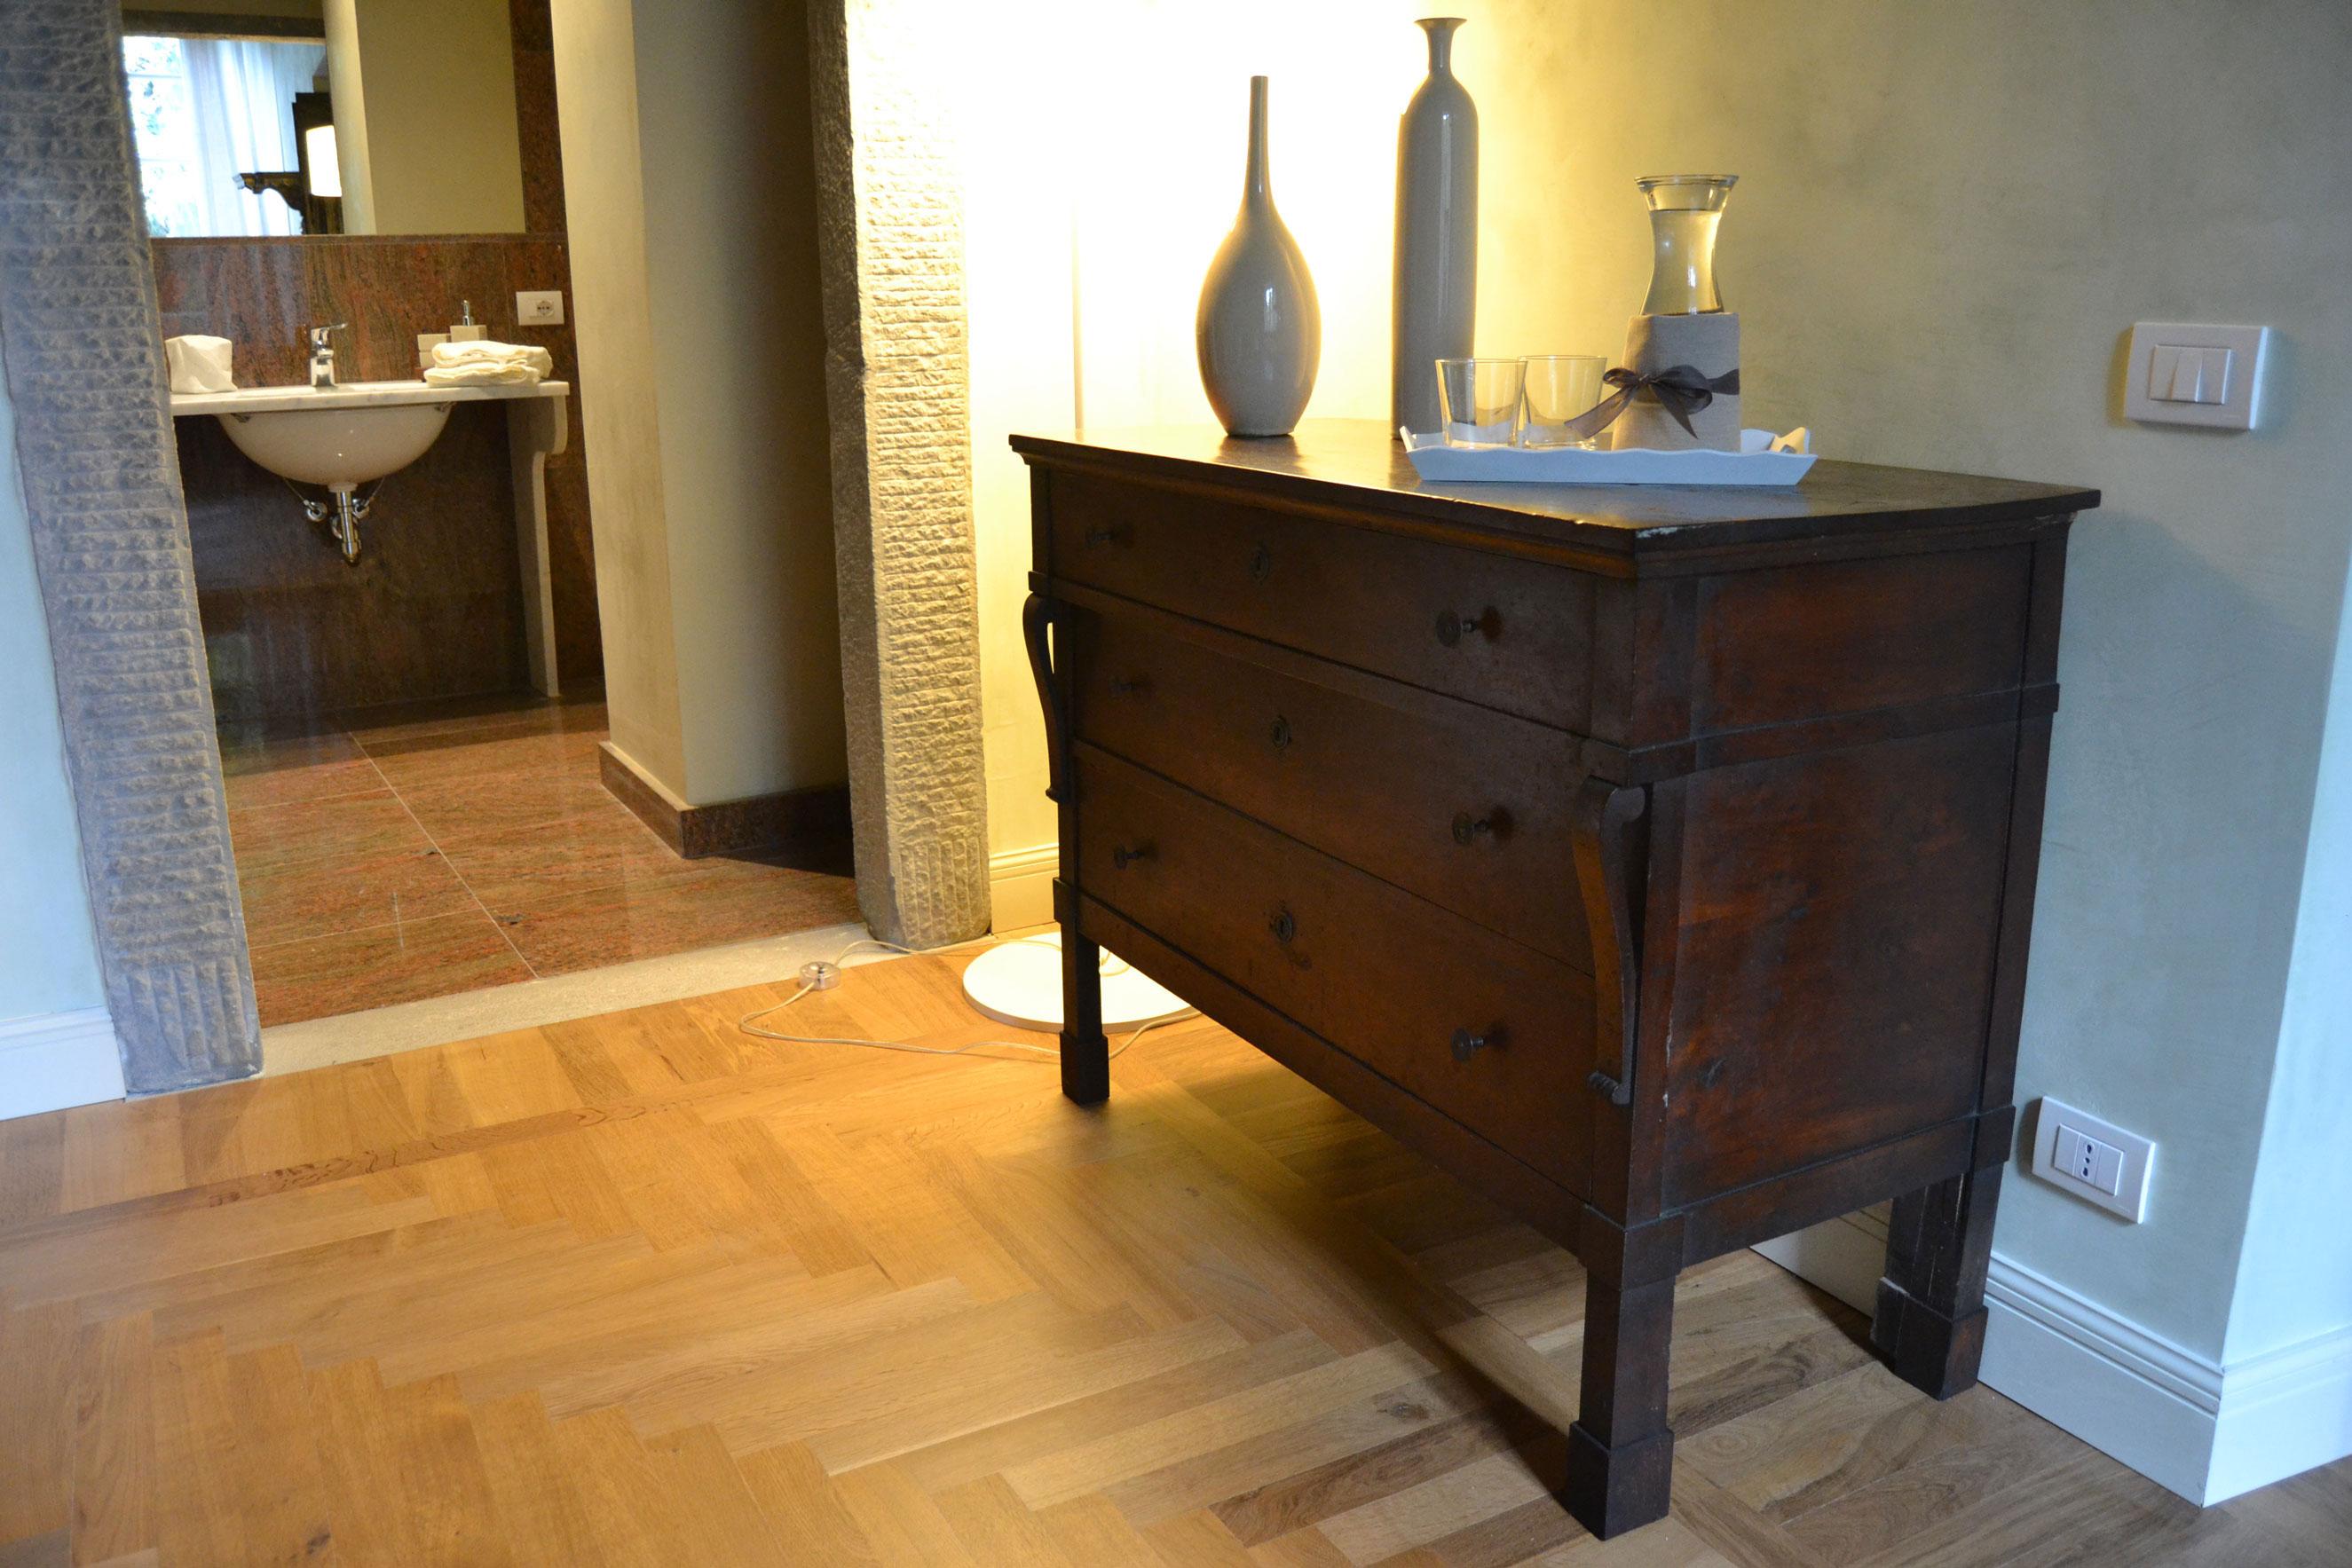 Free arredamento prestigioso in camera with arredamento for Az arredamenti napoli